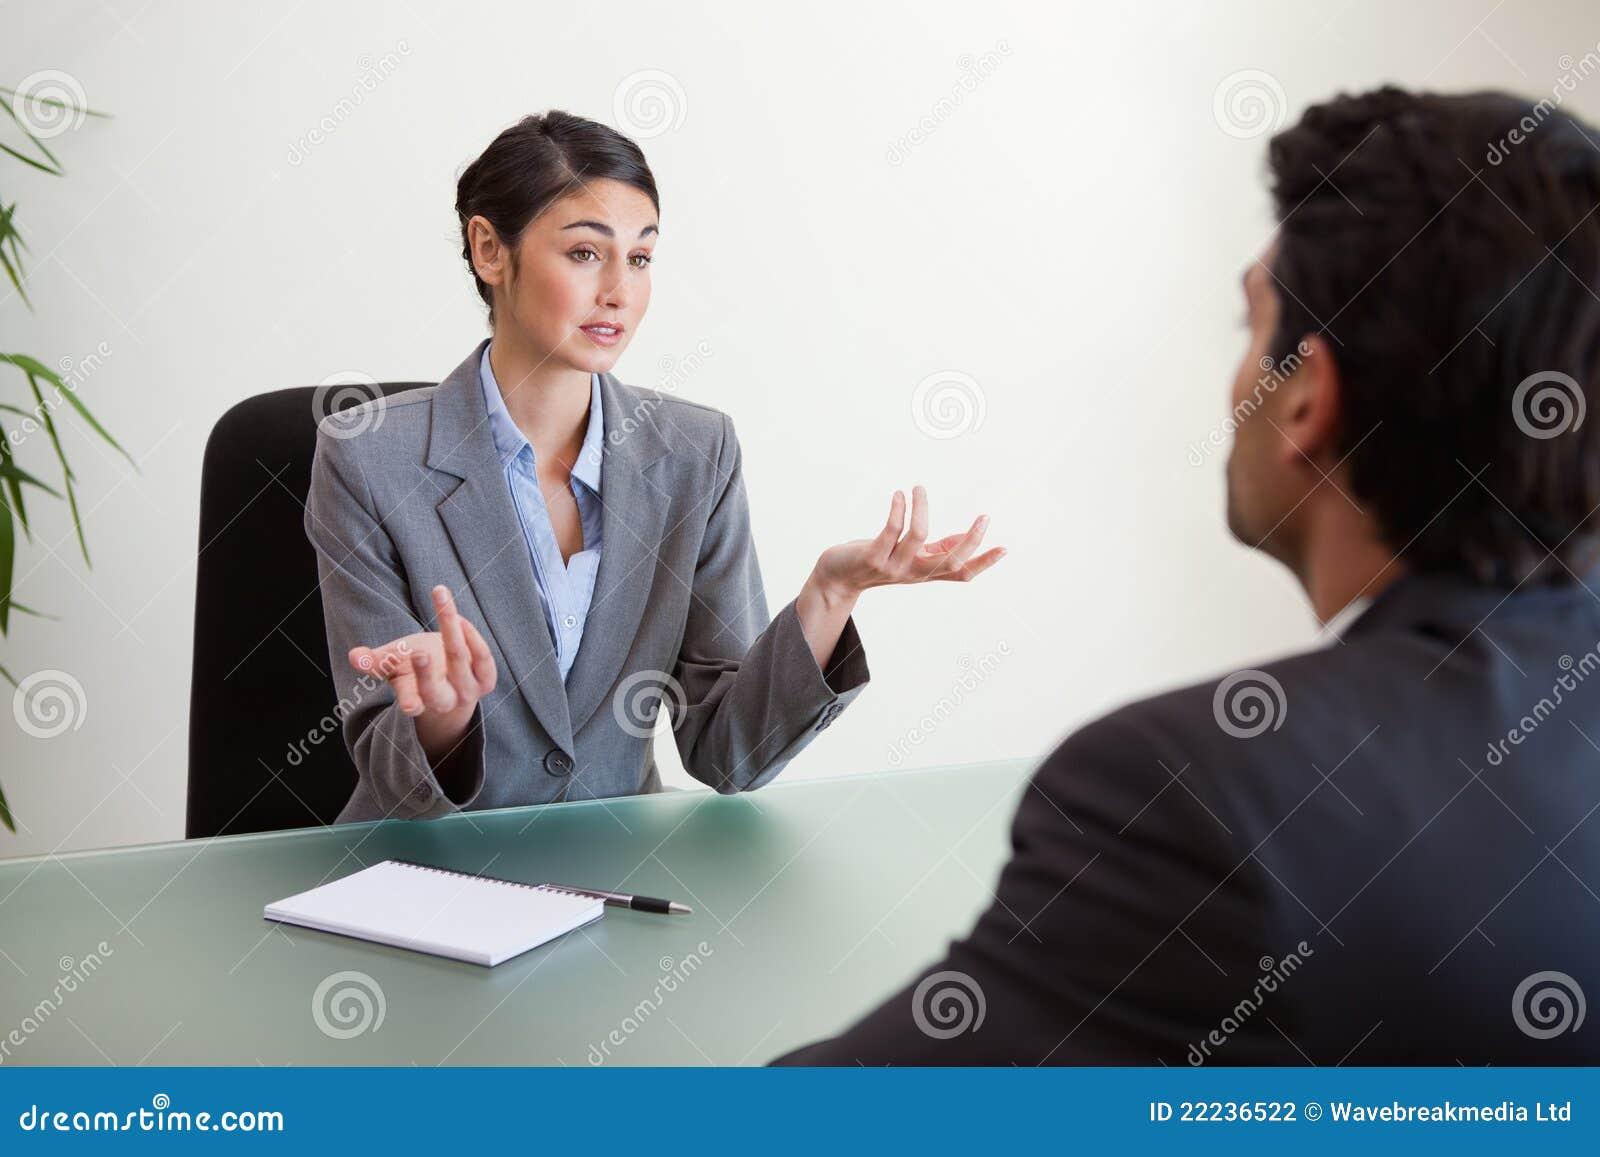 Менеджер интервьюируя работника